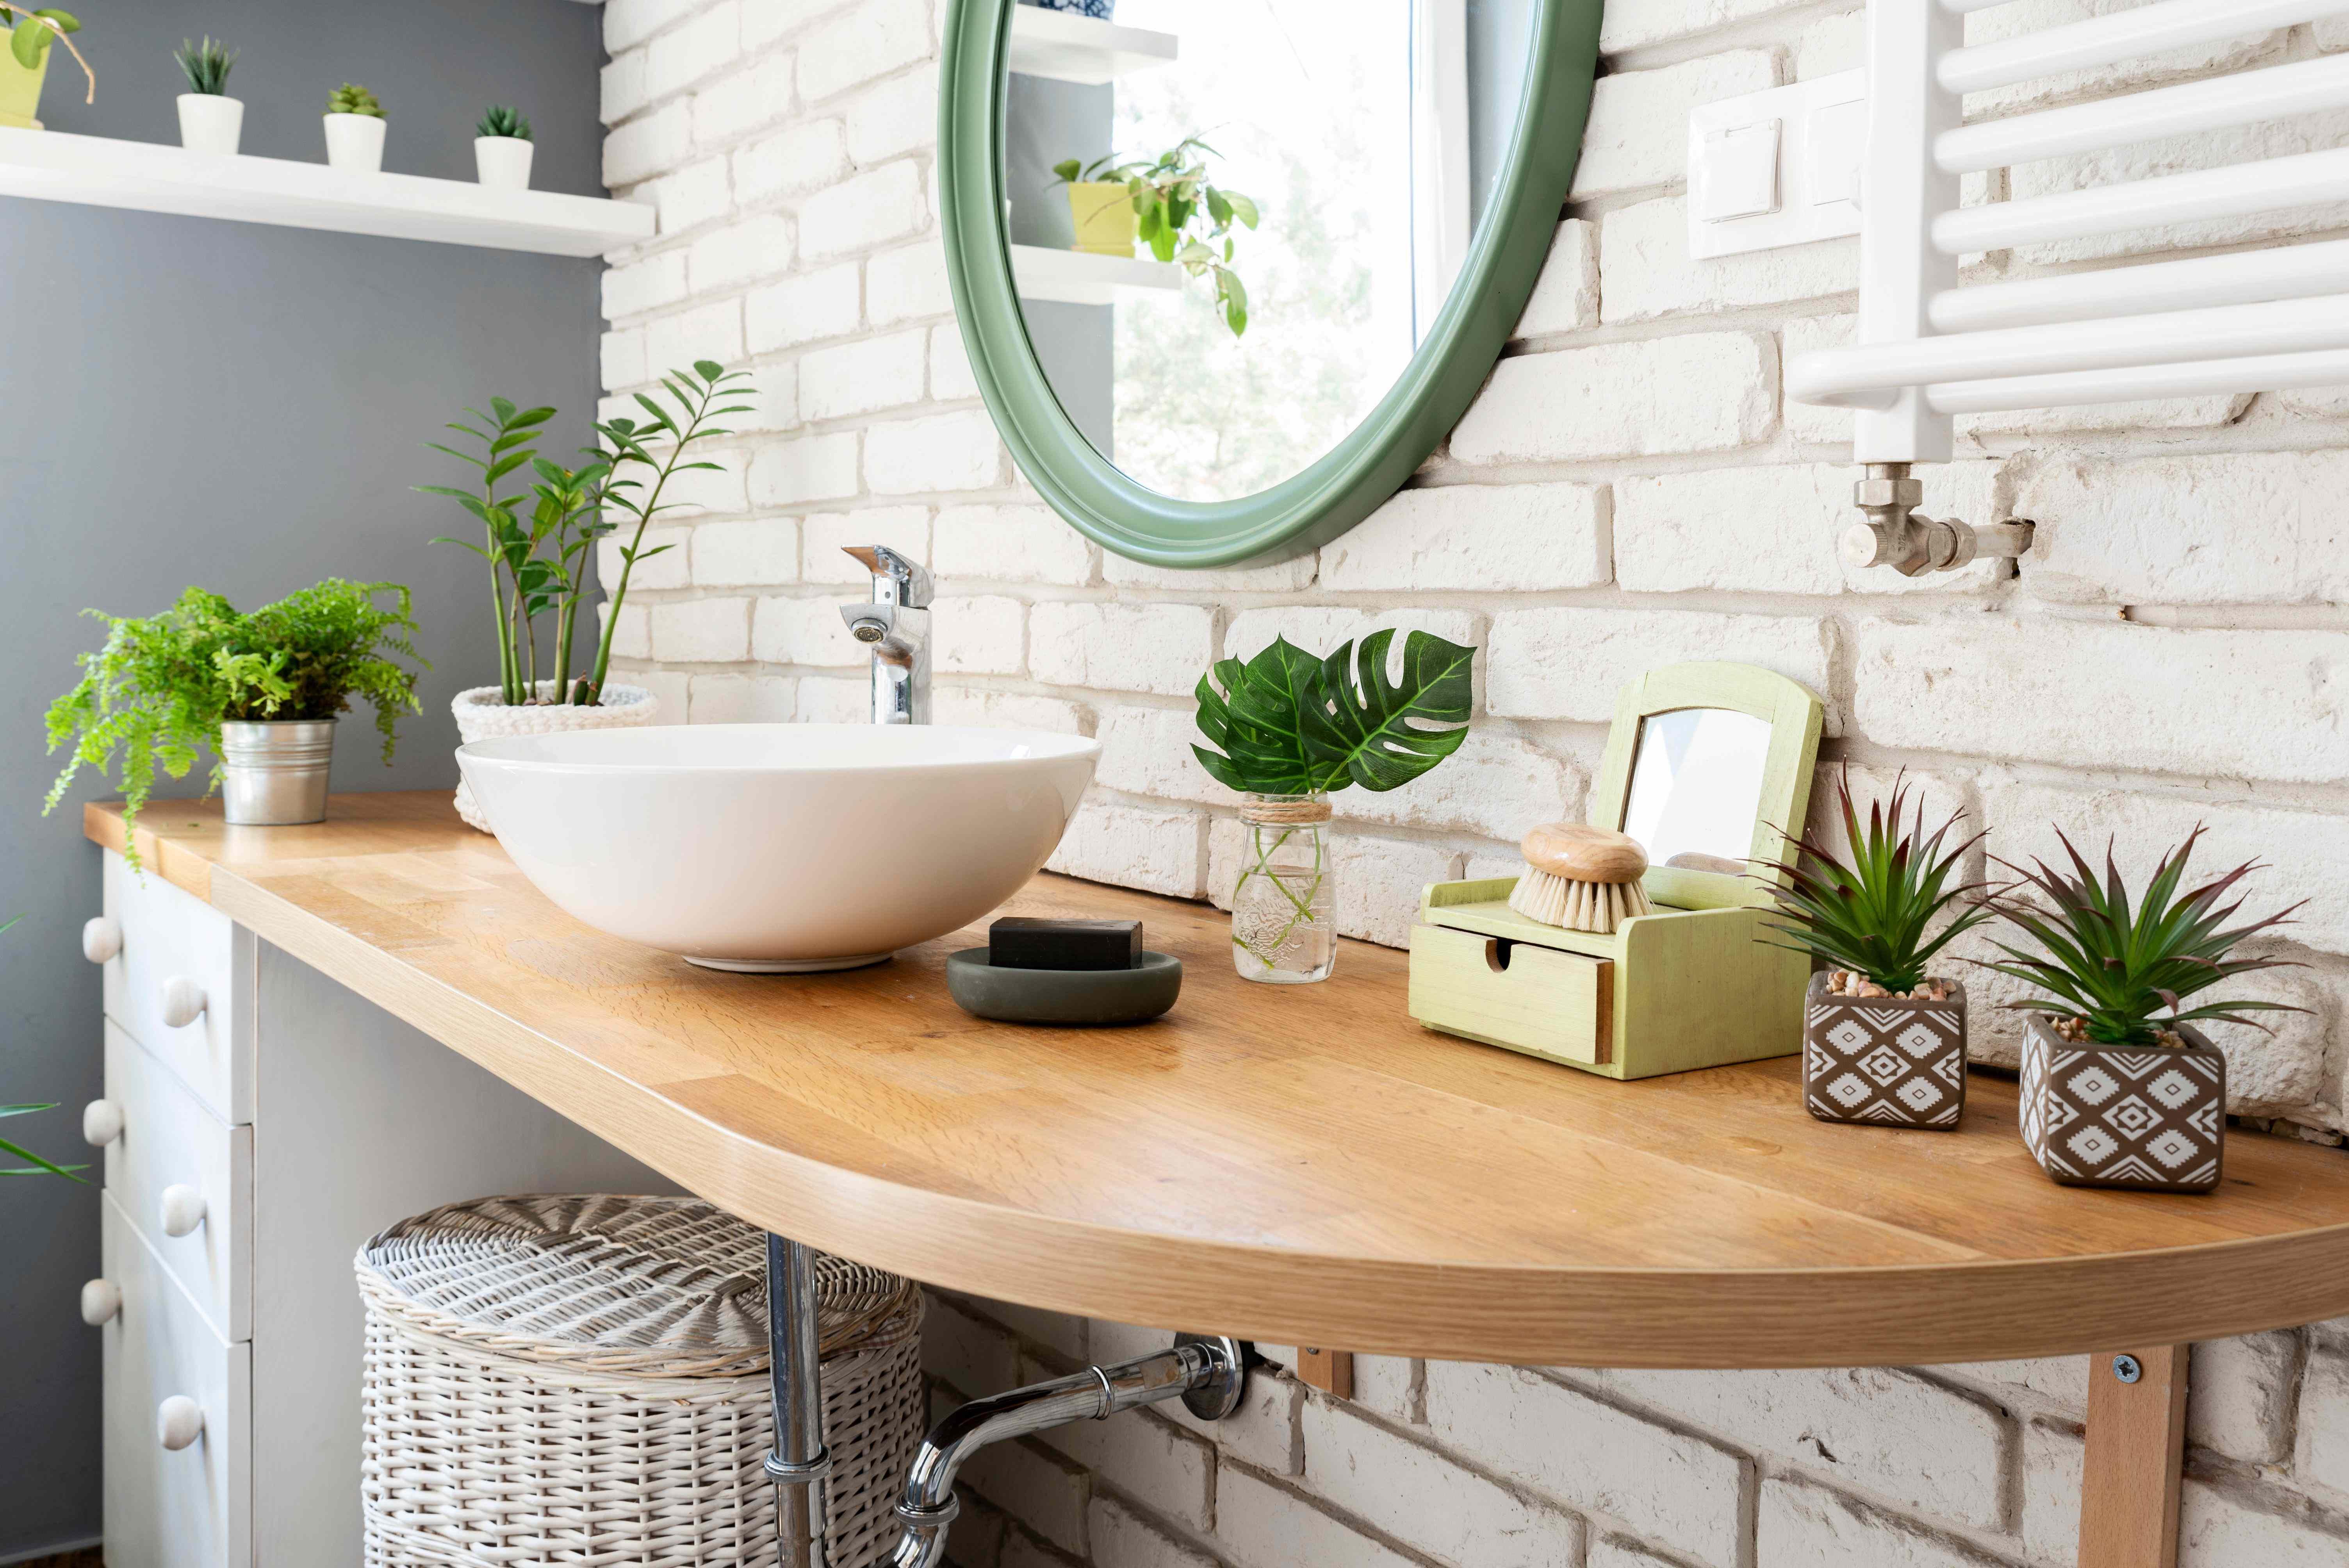 Comment décorer sa salle de bains pour pas cher